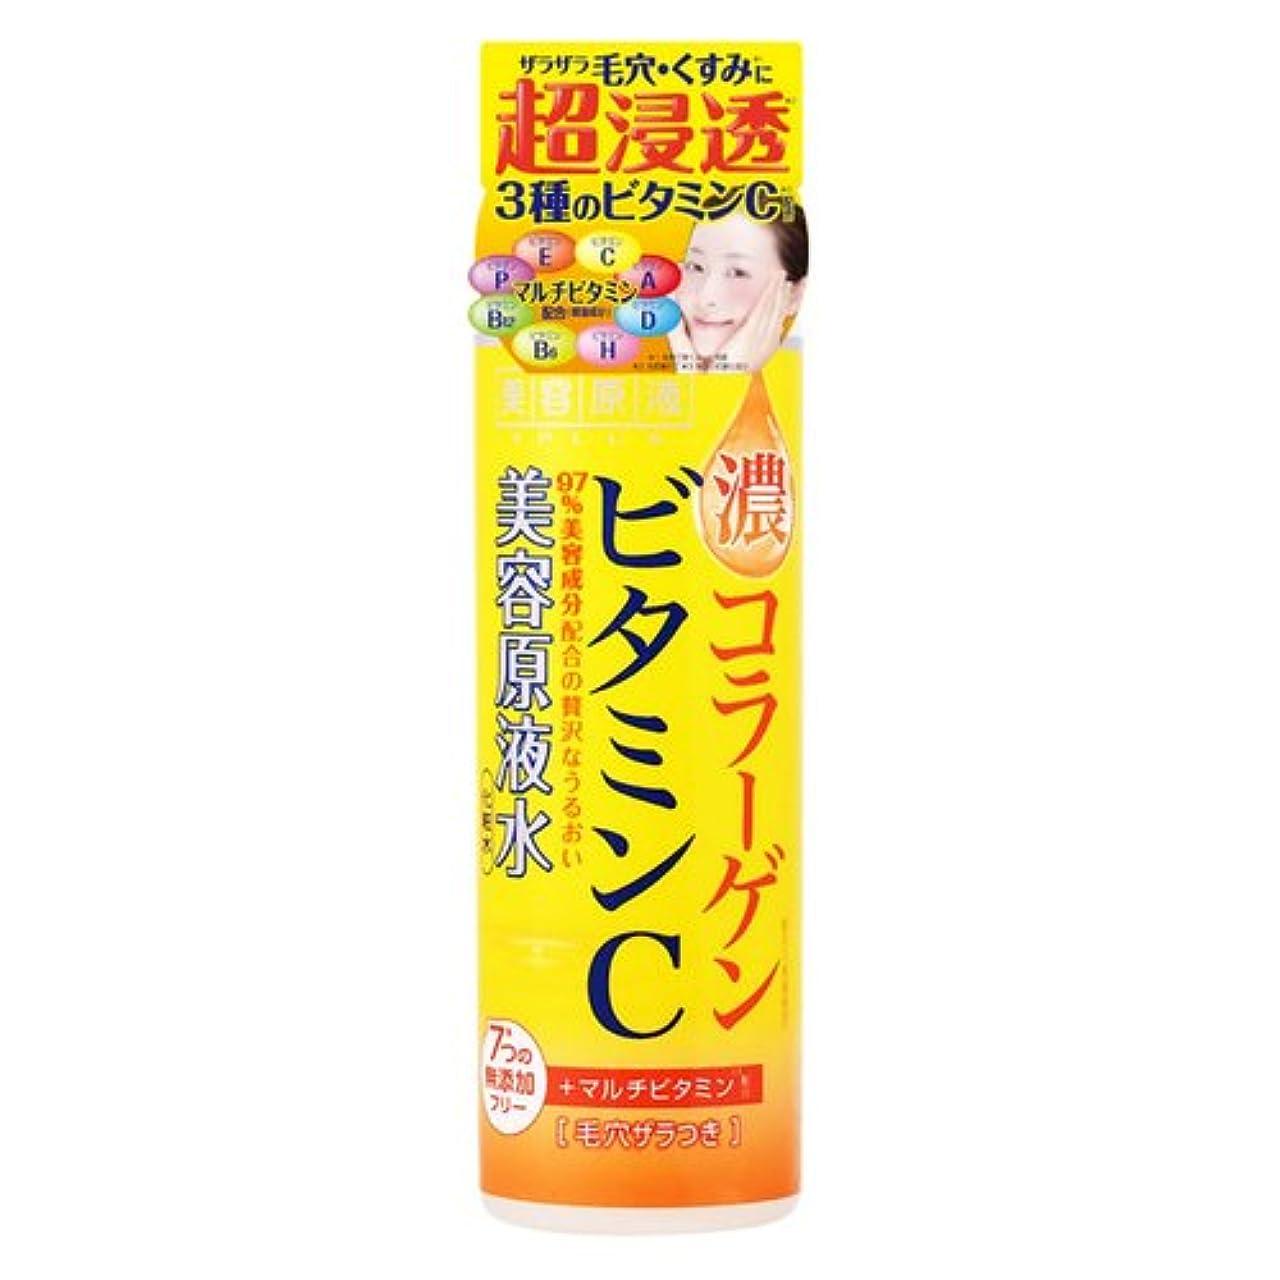 貯水池病な出版美容原液 超潤化粧水VC 185mL